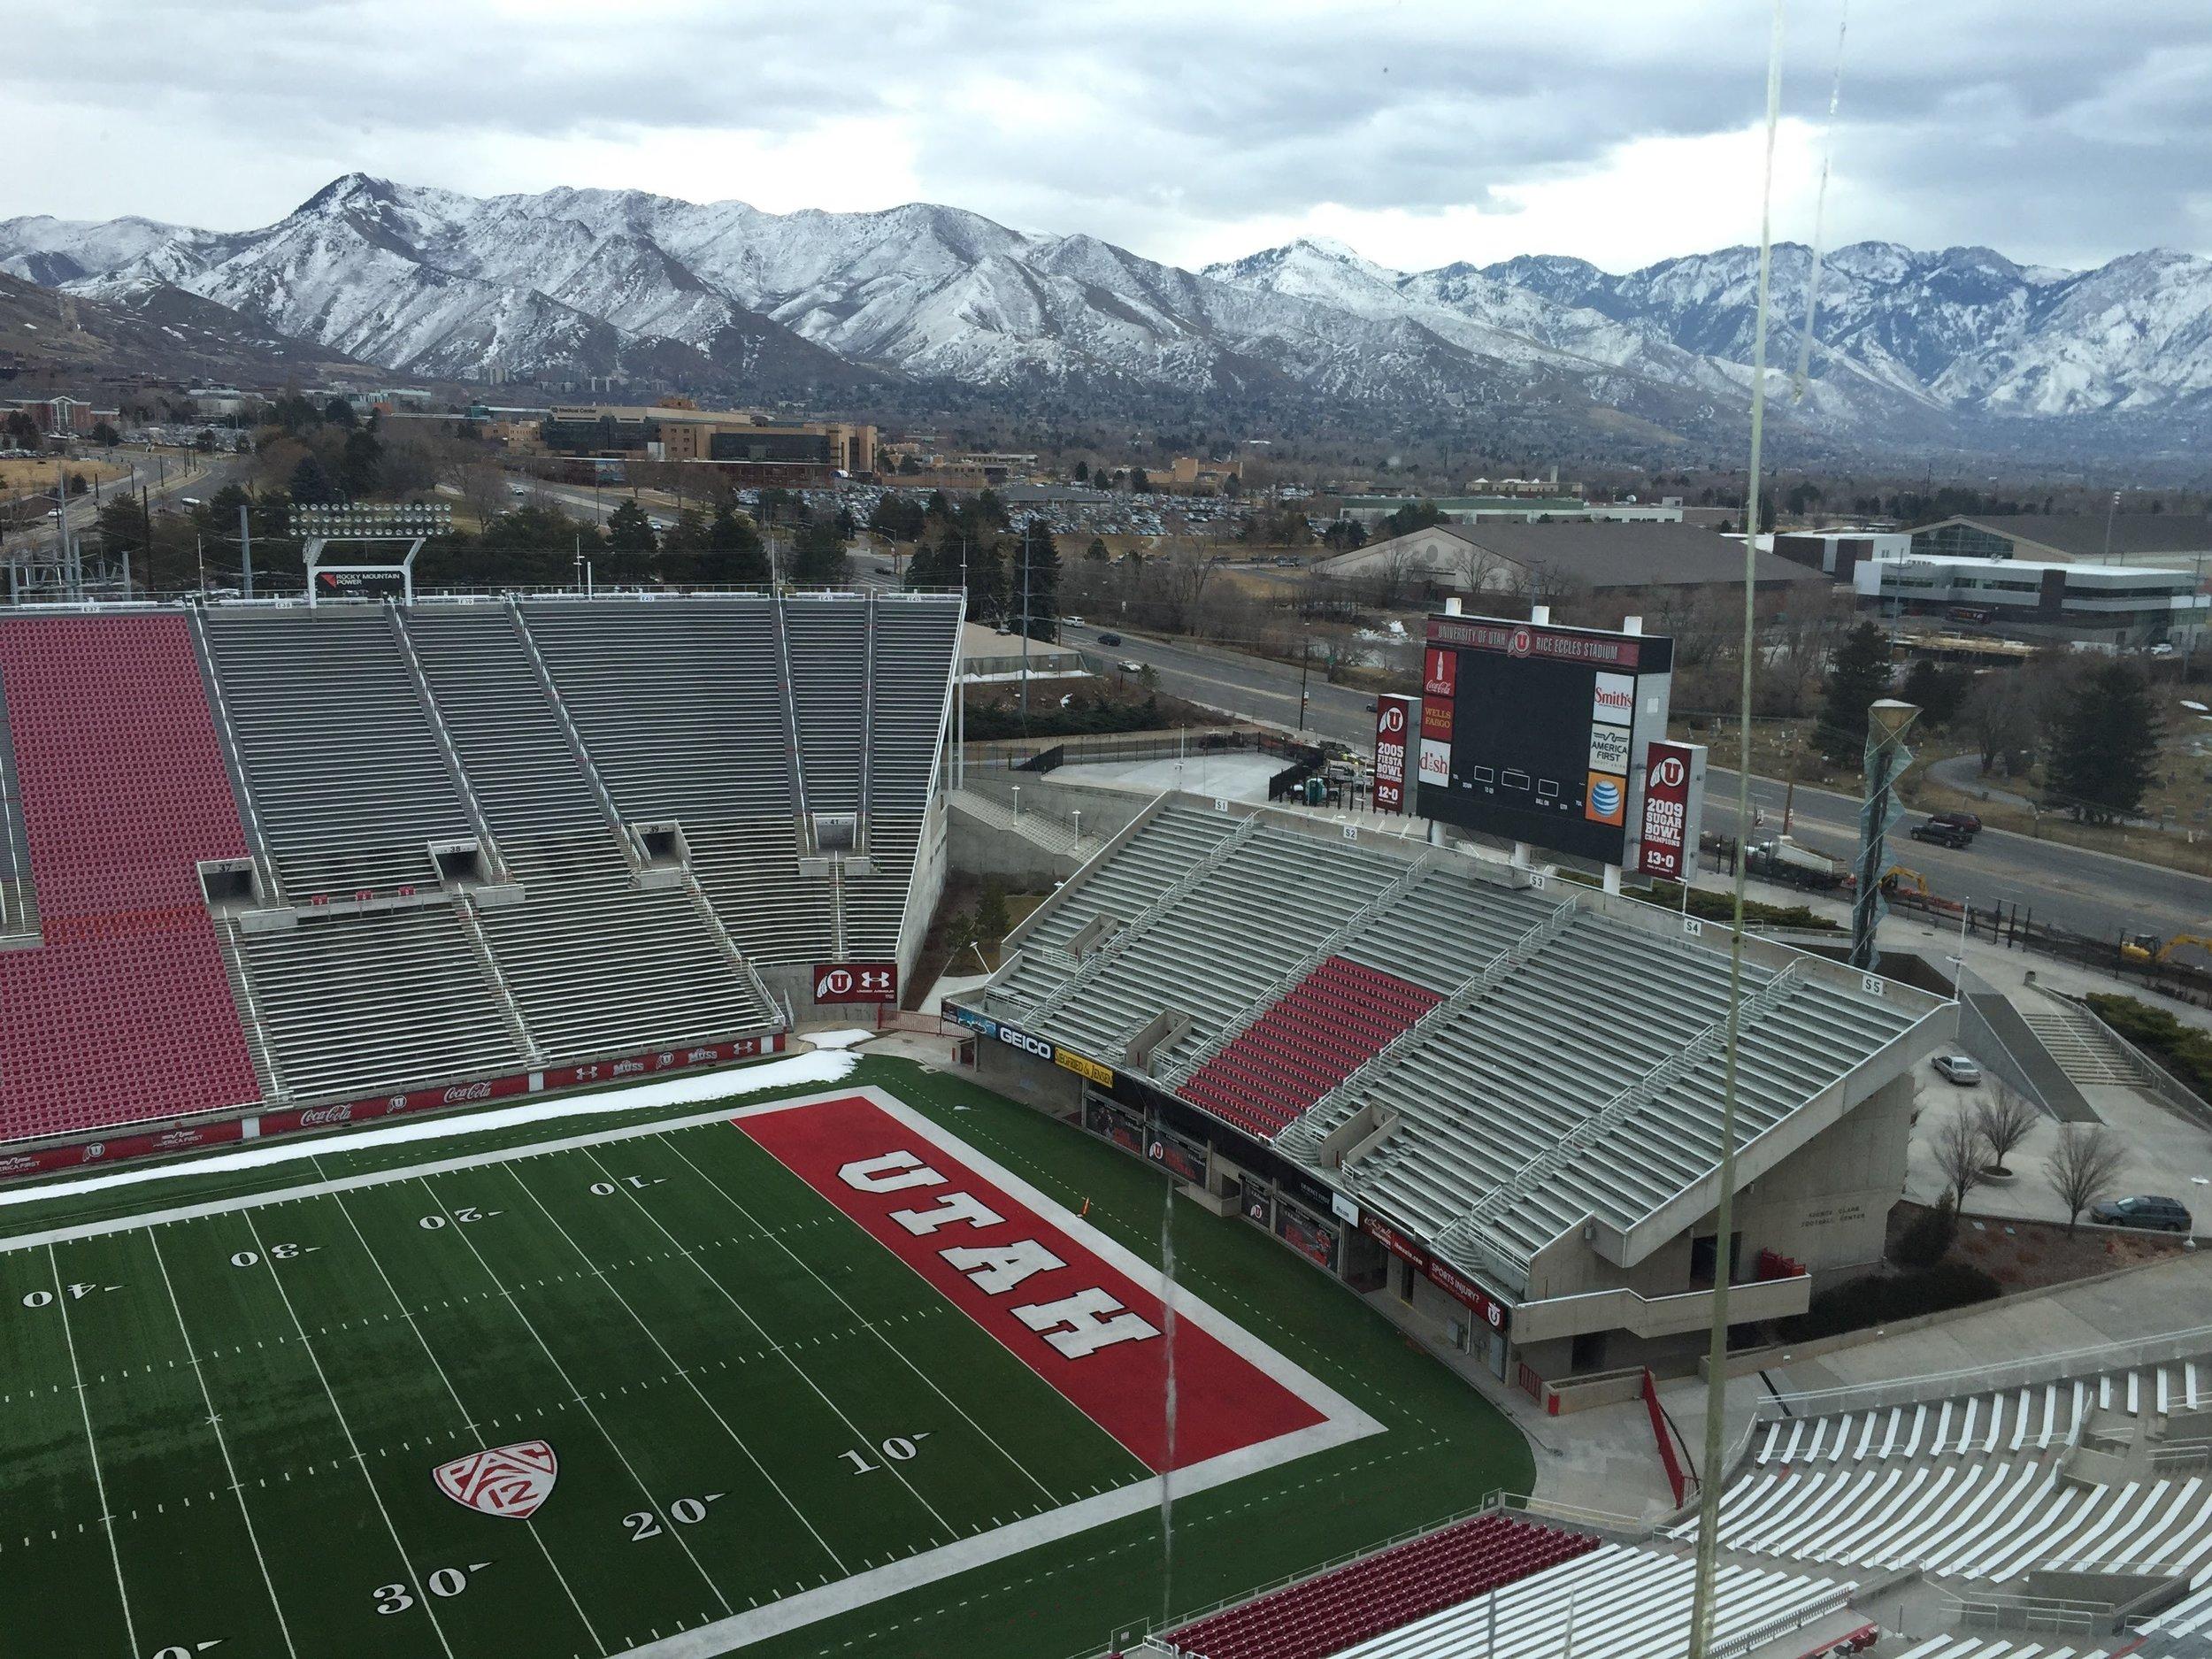 Rice-Eccles Stadium (Salt Lake City, UT)